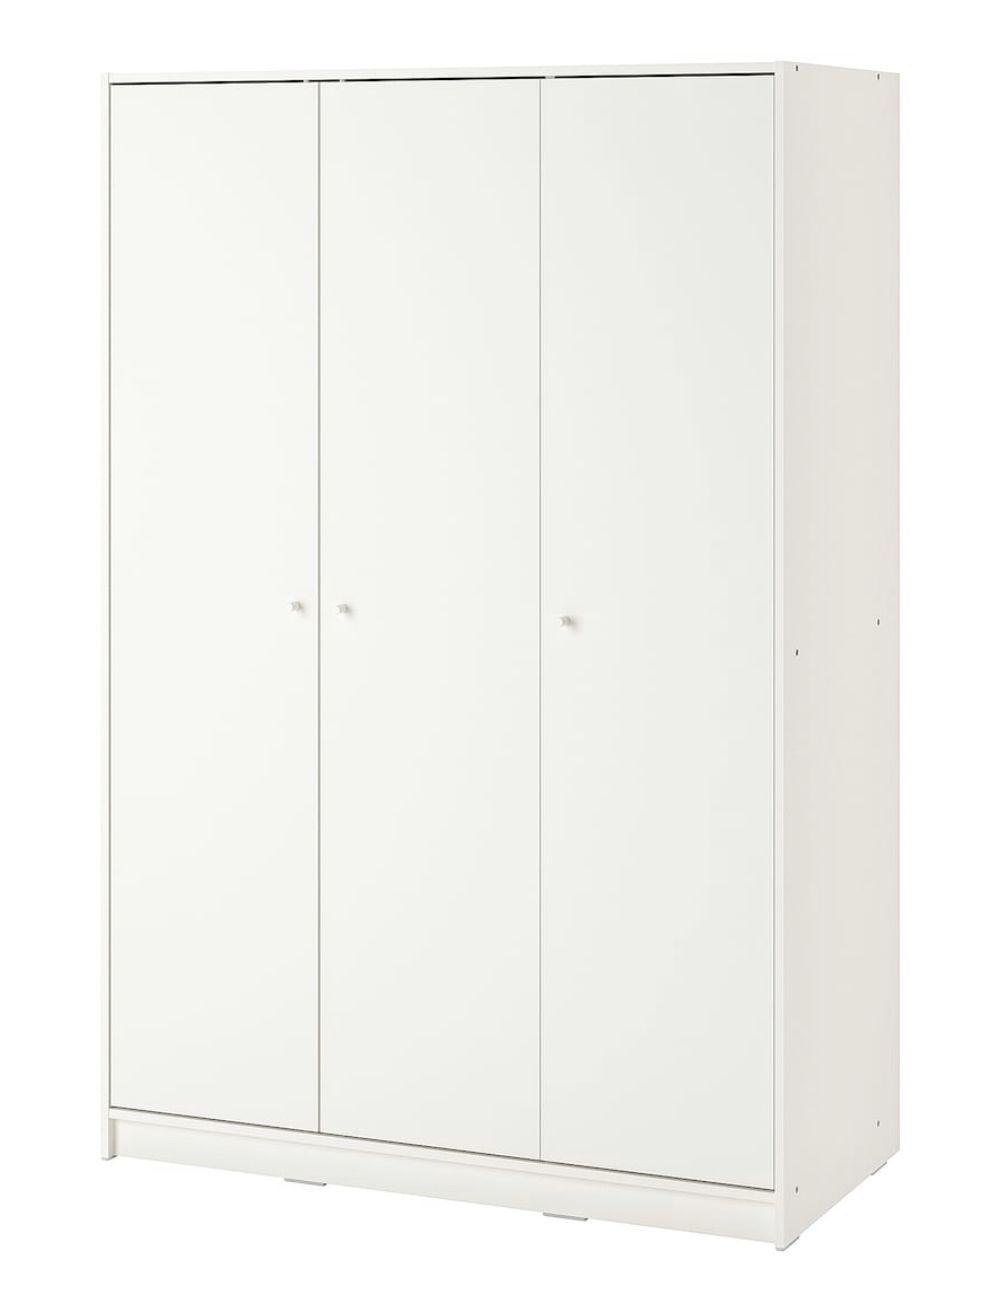 Kleppstad Wardrobe With 3 Doors White 46 1 8x69 1 4 Ikea In 2021 White Storage Cabinets Large Storage Cabinets Wardrobe Storage Cabinet White storage cabinet with doors